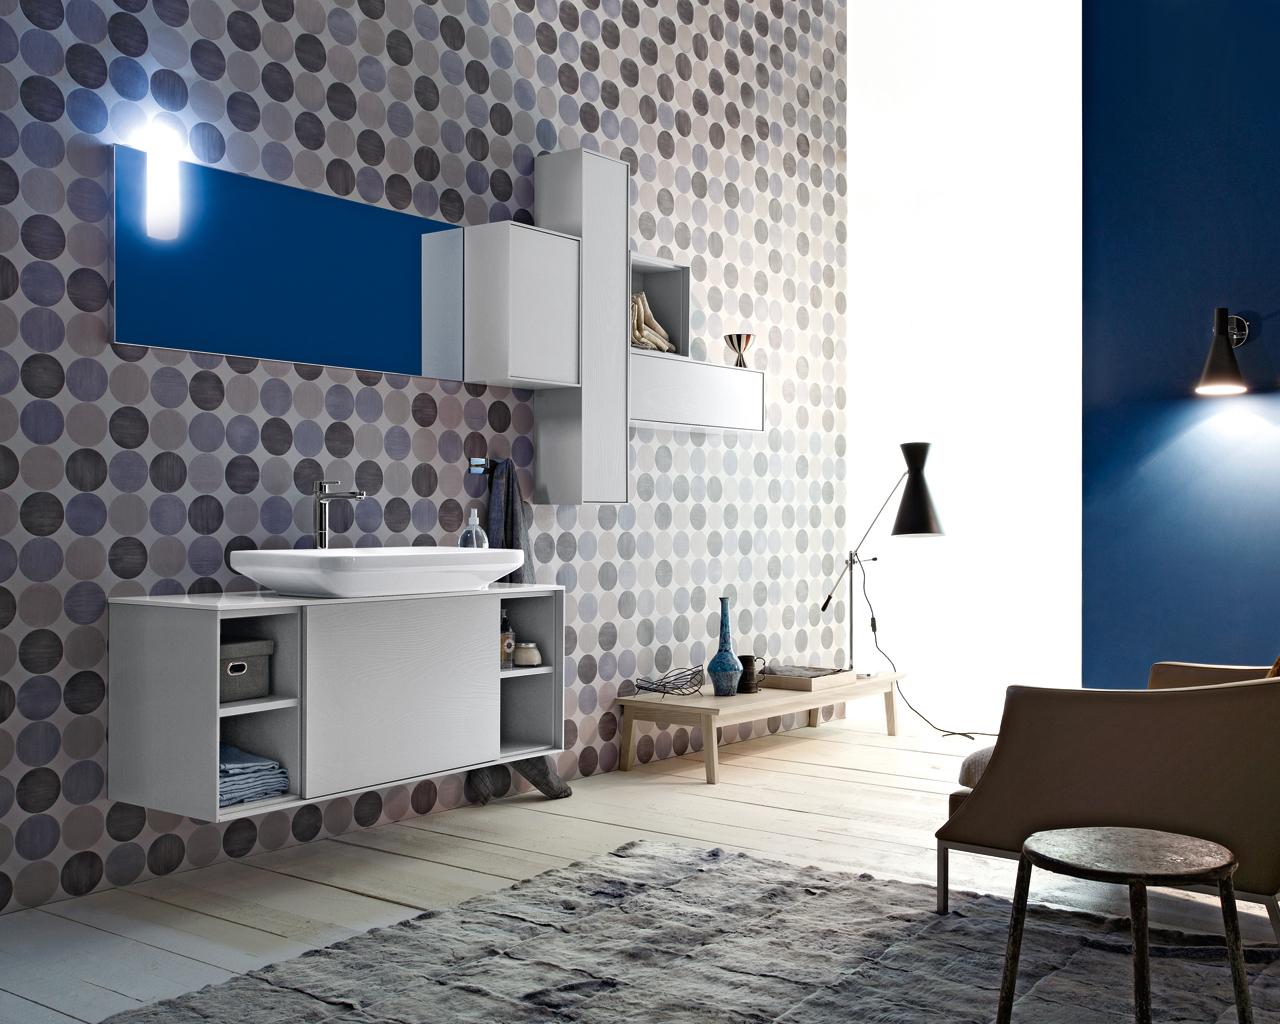 Una stanza da bagno vintage in stile anni 50 for Arredamento di design on line